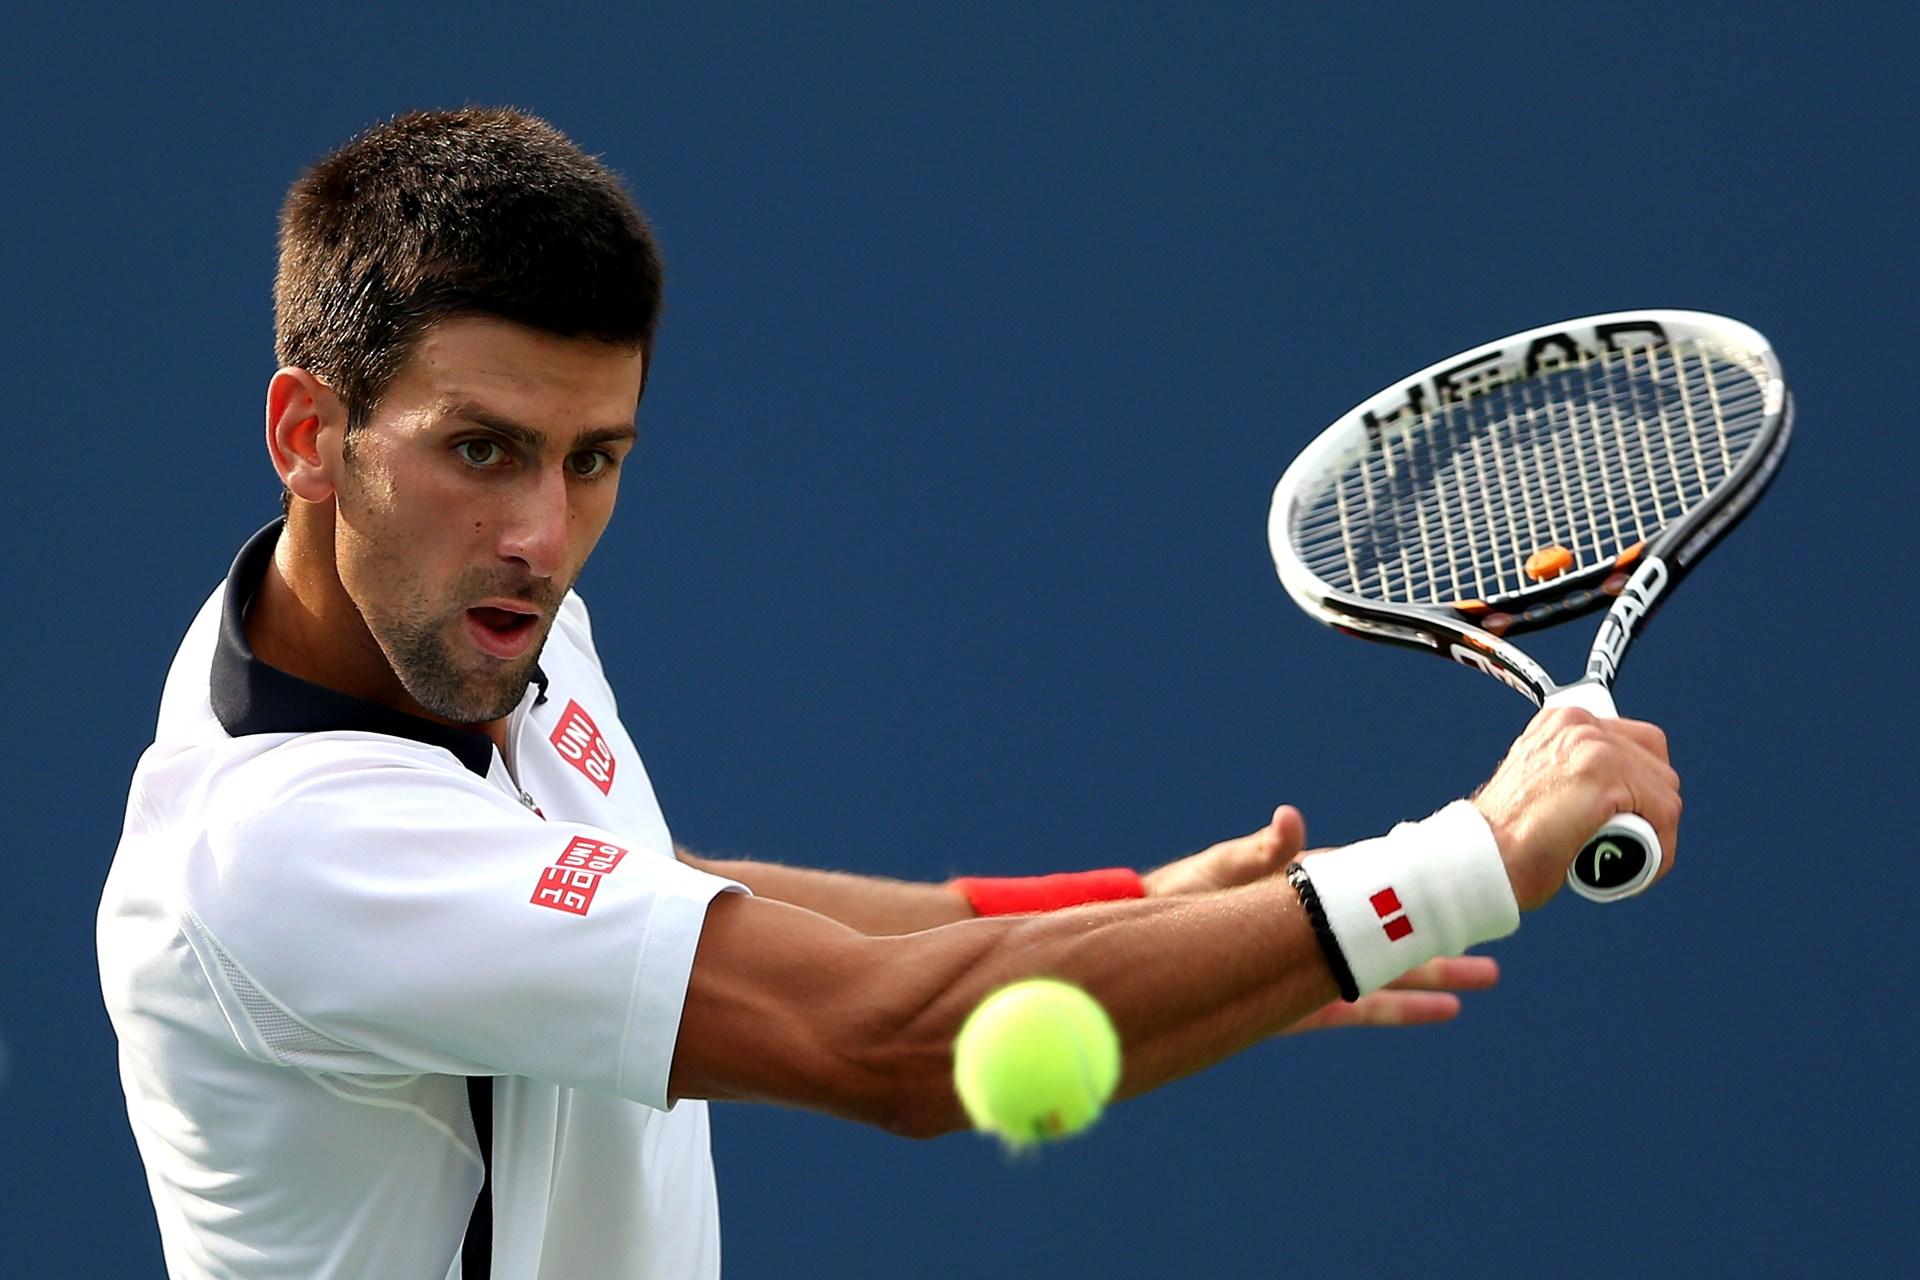 Sázení na přesný výsledek tenisových utkání